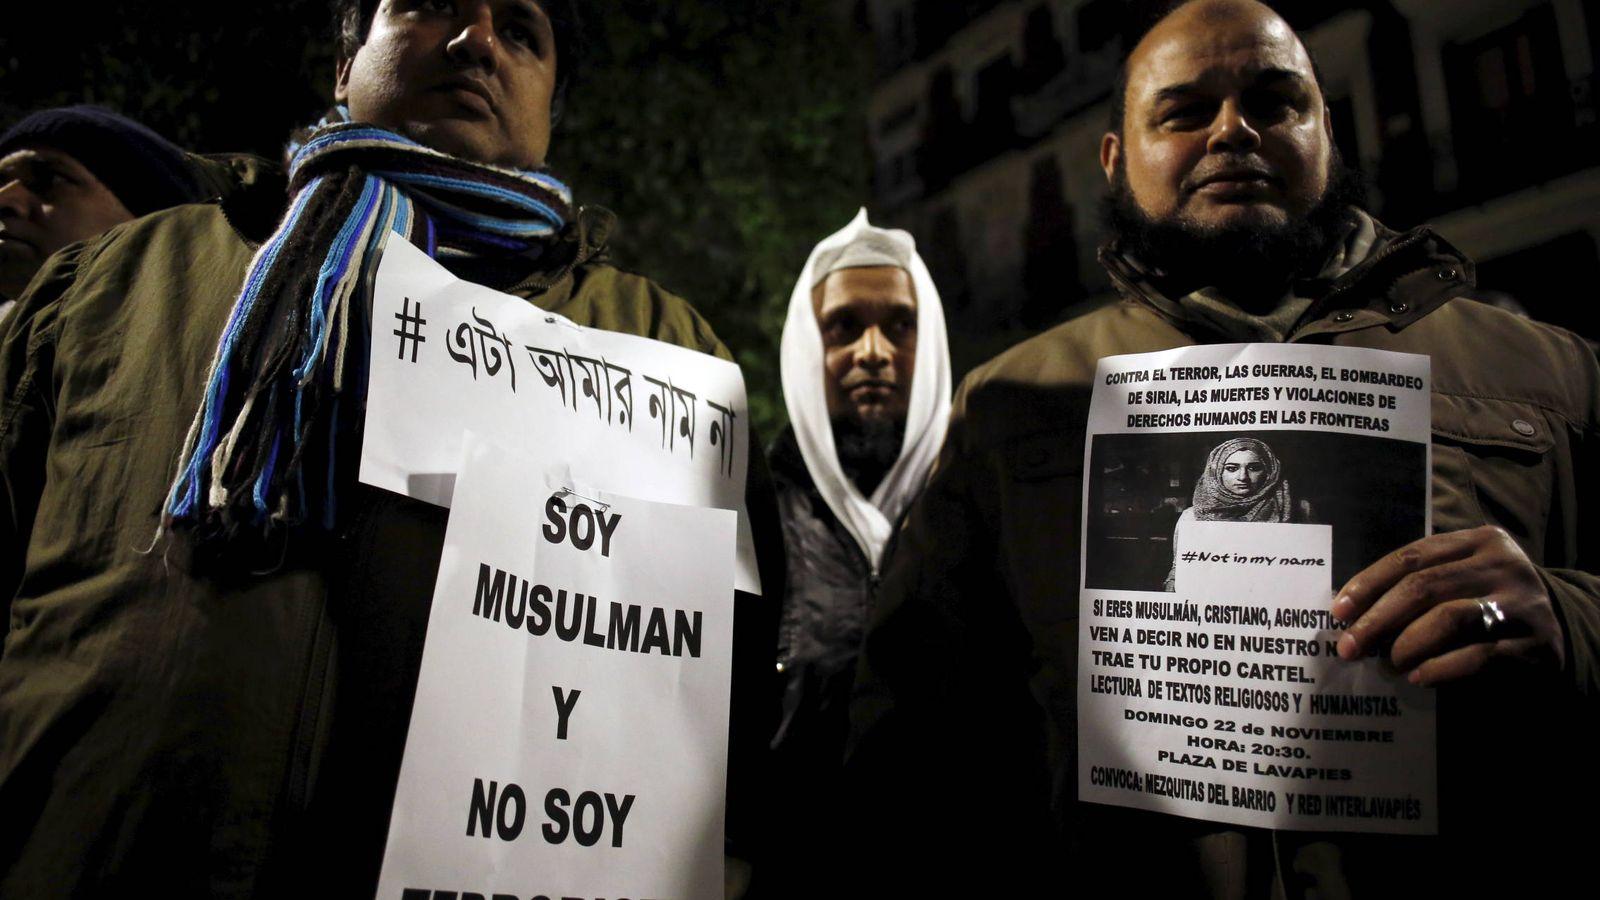 Foto: Manifestación celebrada en Madrid en solidaridad con las víctimas de los ataques de París, en noviembre de 2015. (Reuters)